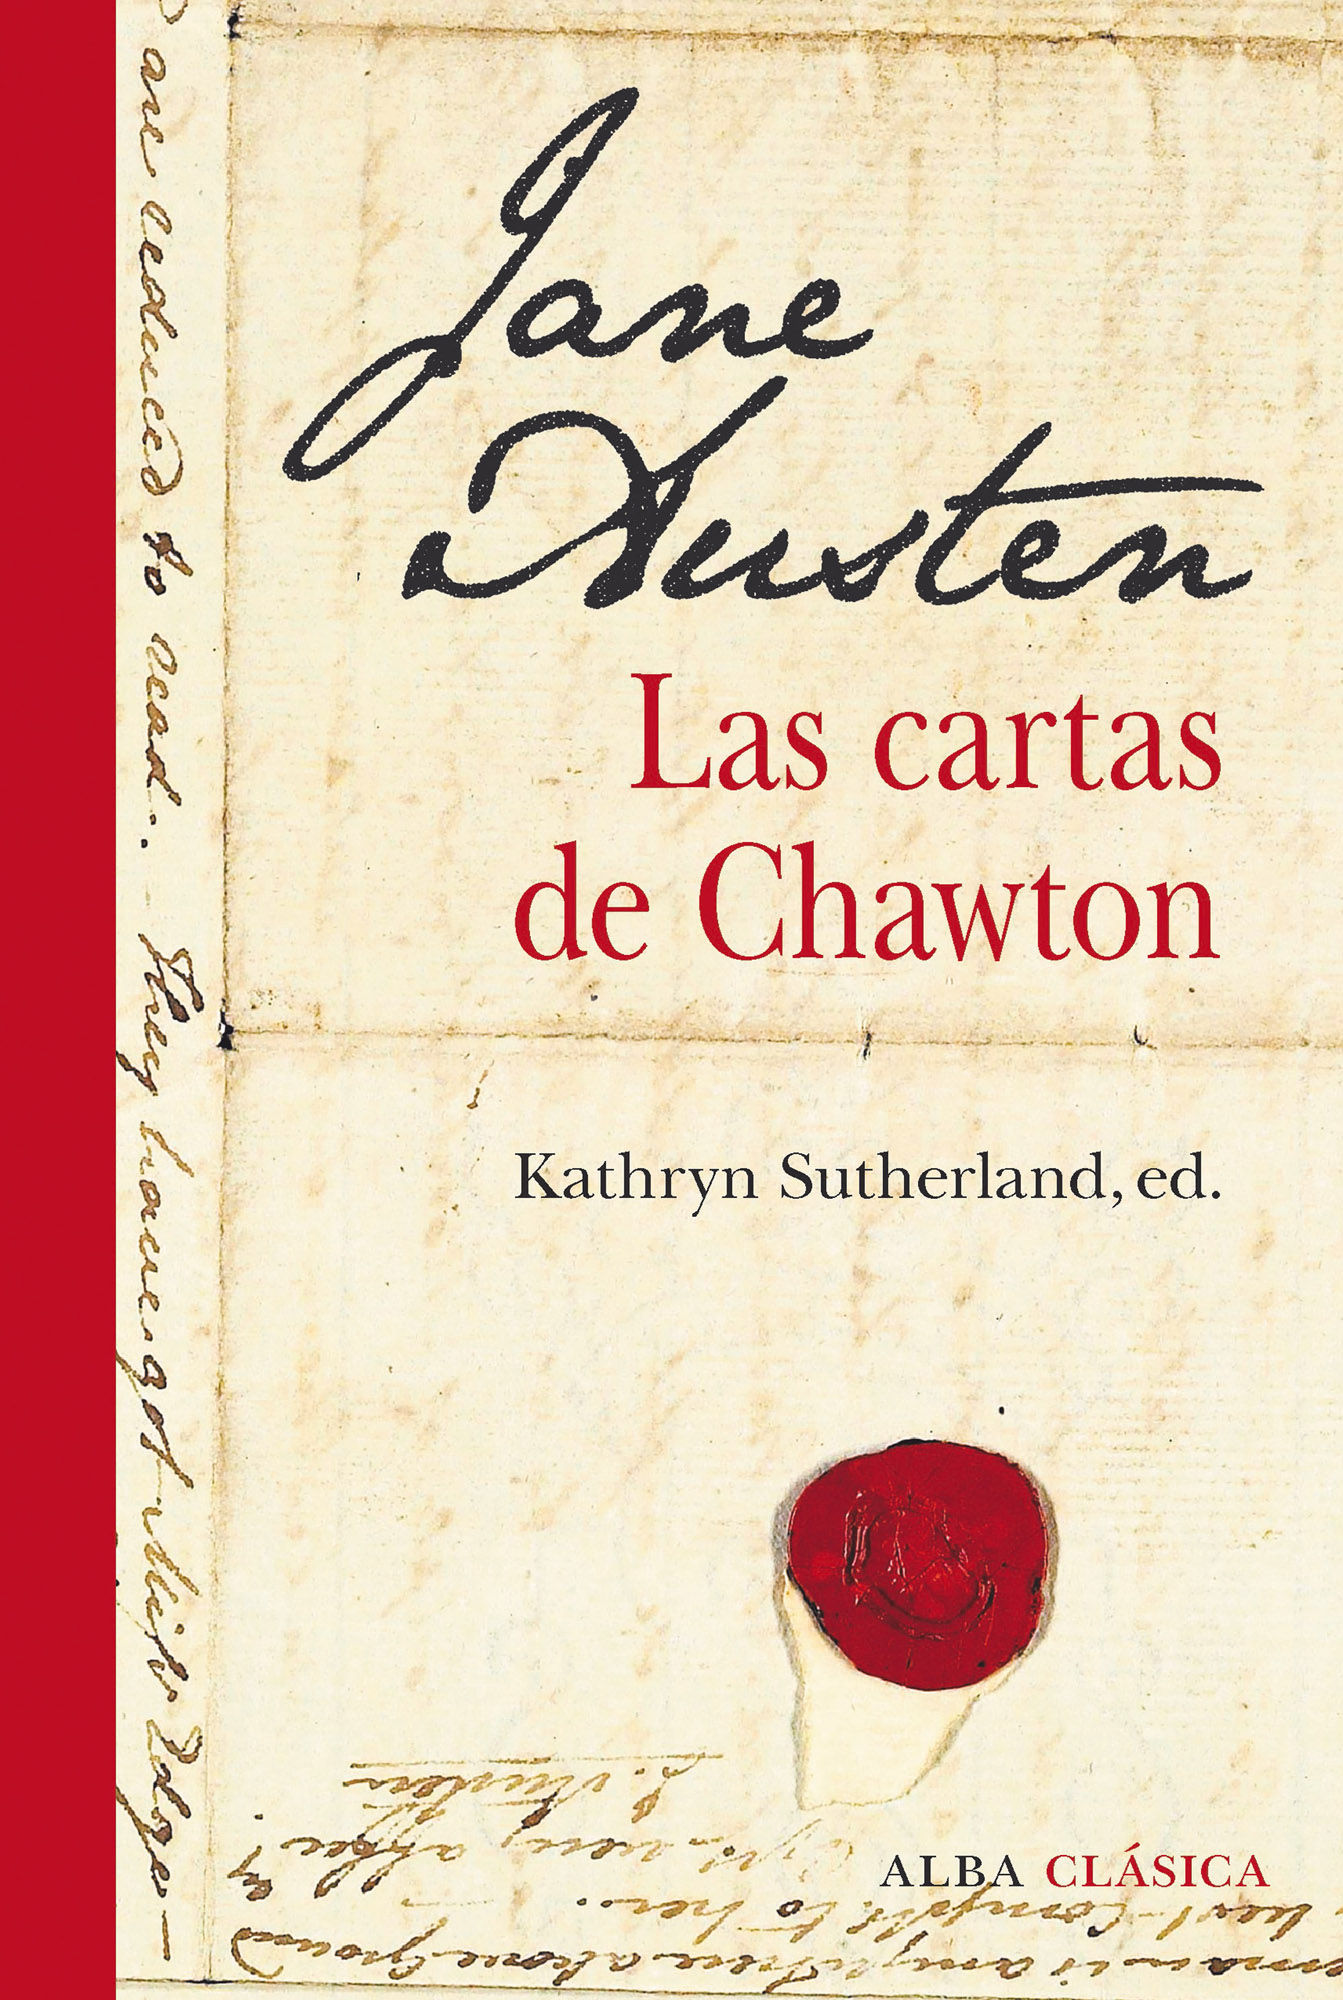 JANE AUSTEN LAS CARTAS DE CHAWTON